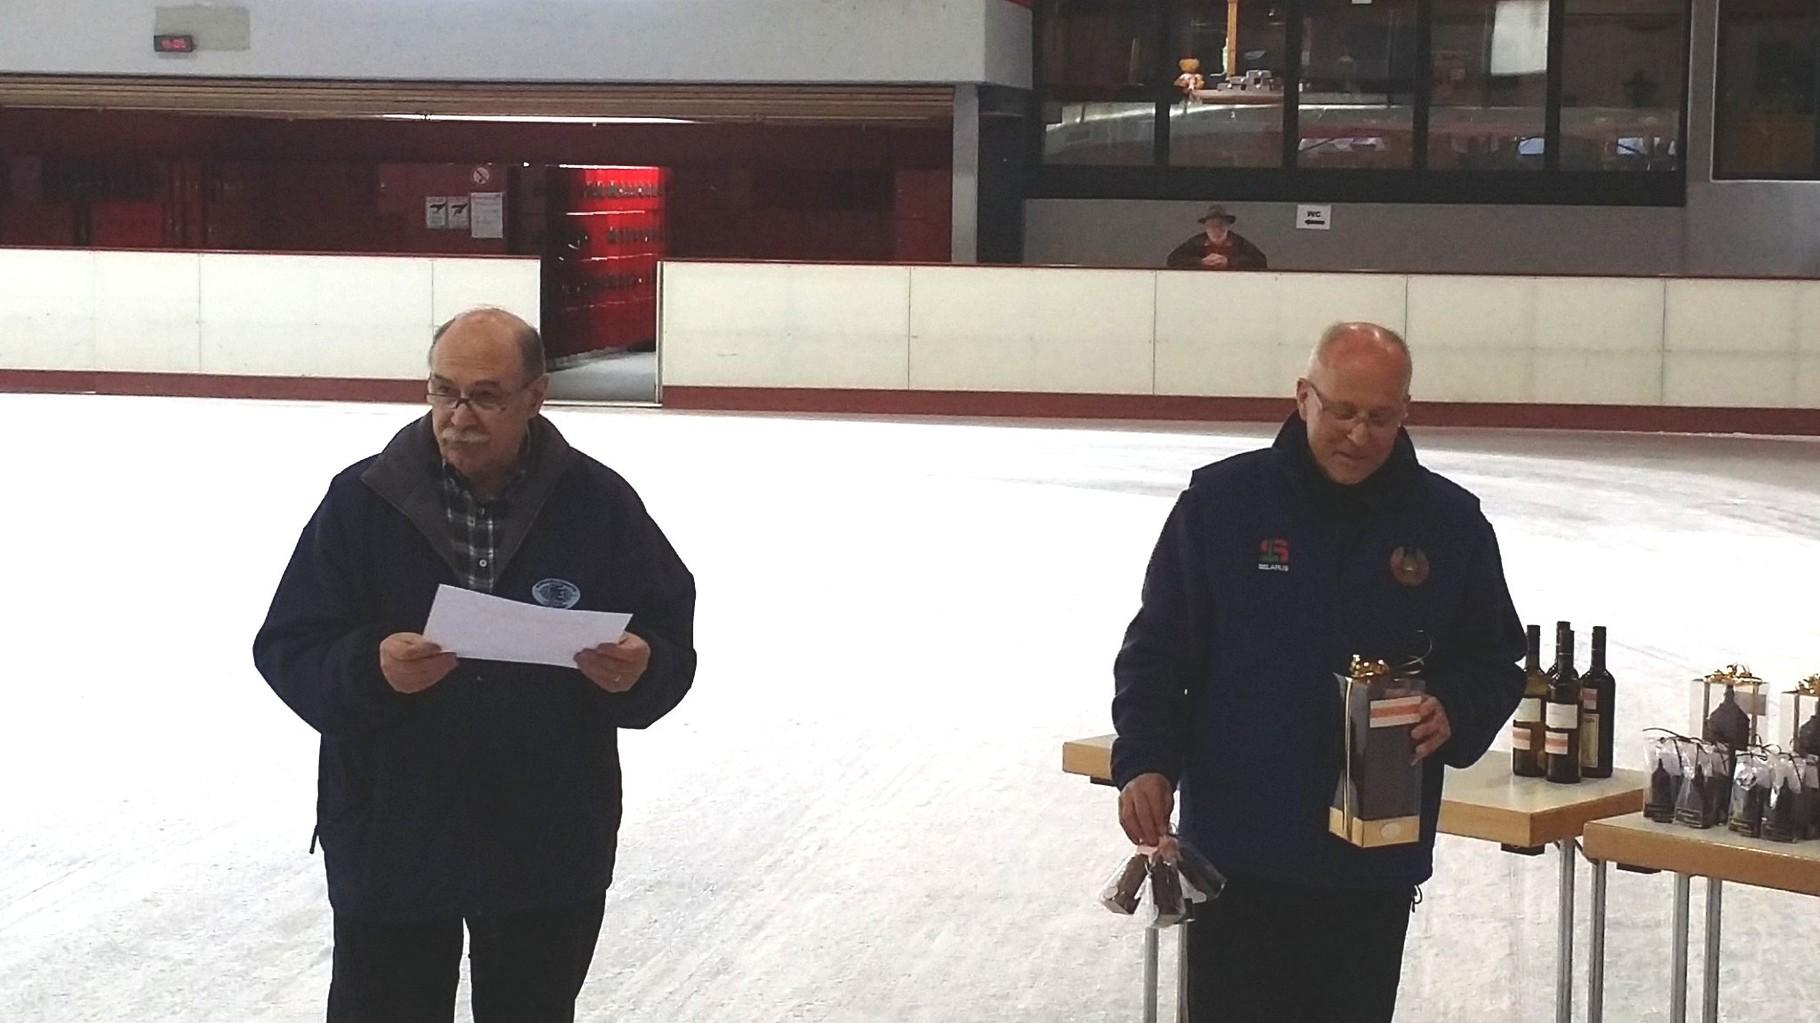 Manfred und Udo bei der Siegerehrung